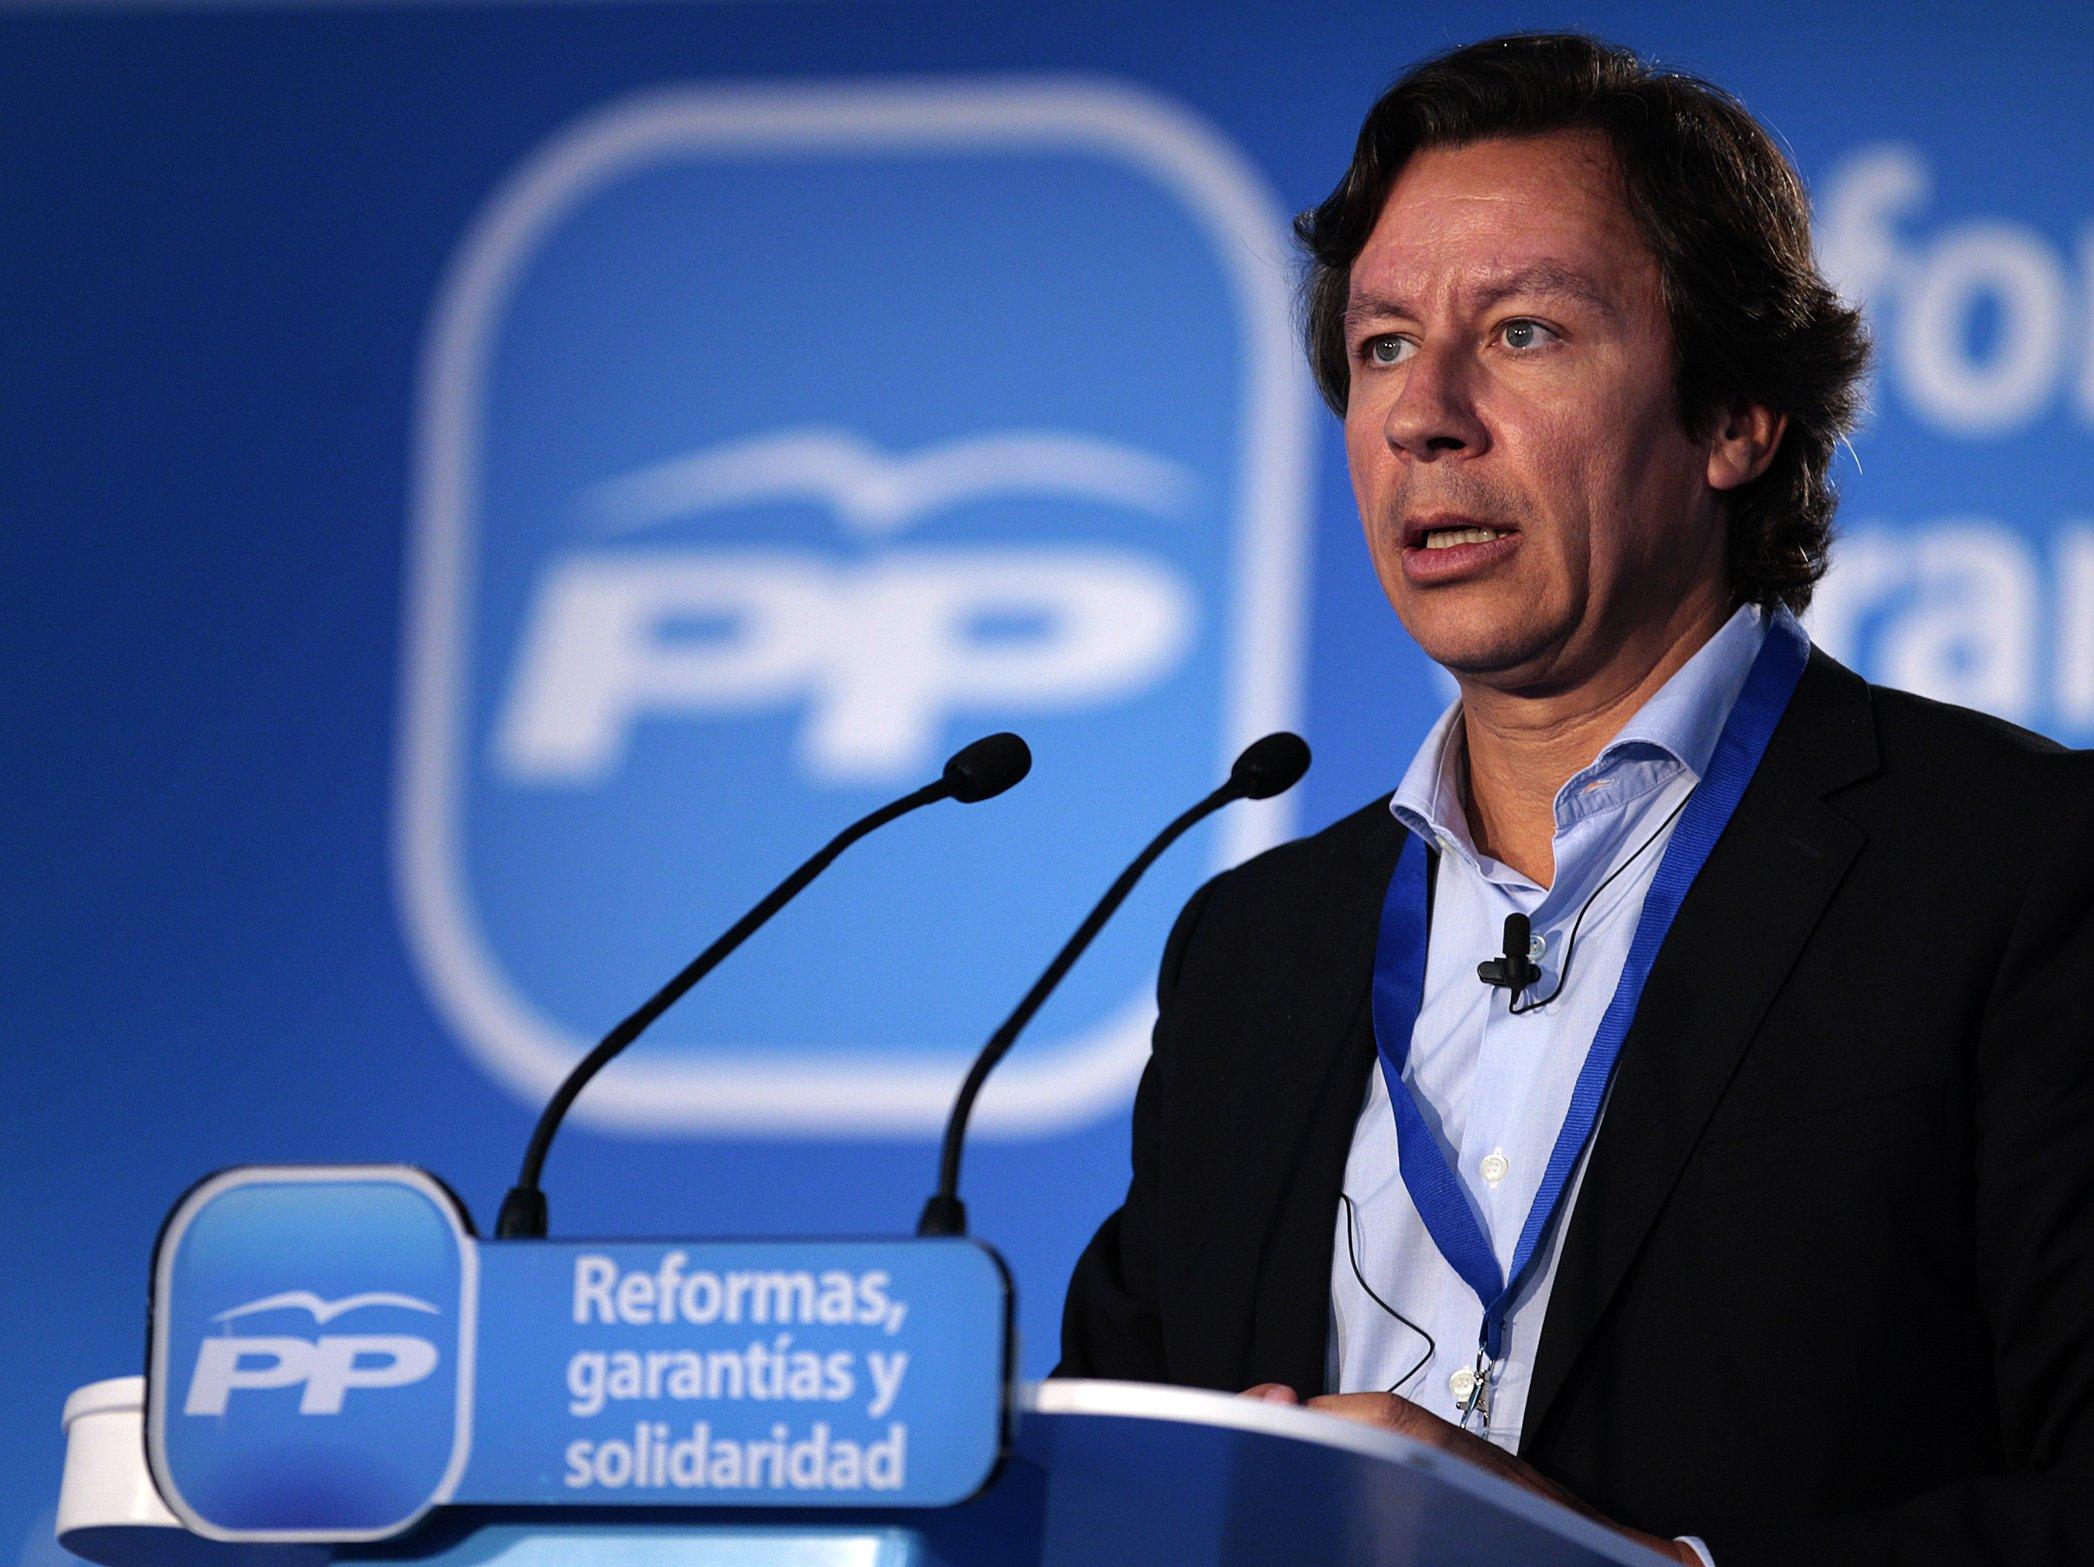 Tras el desastre en las europeas, Rajoy vuelve a nombrar a Floriano director de campaña para las elecciones de mayo